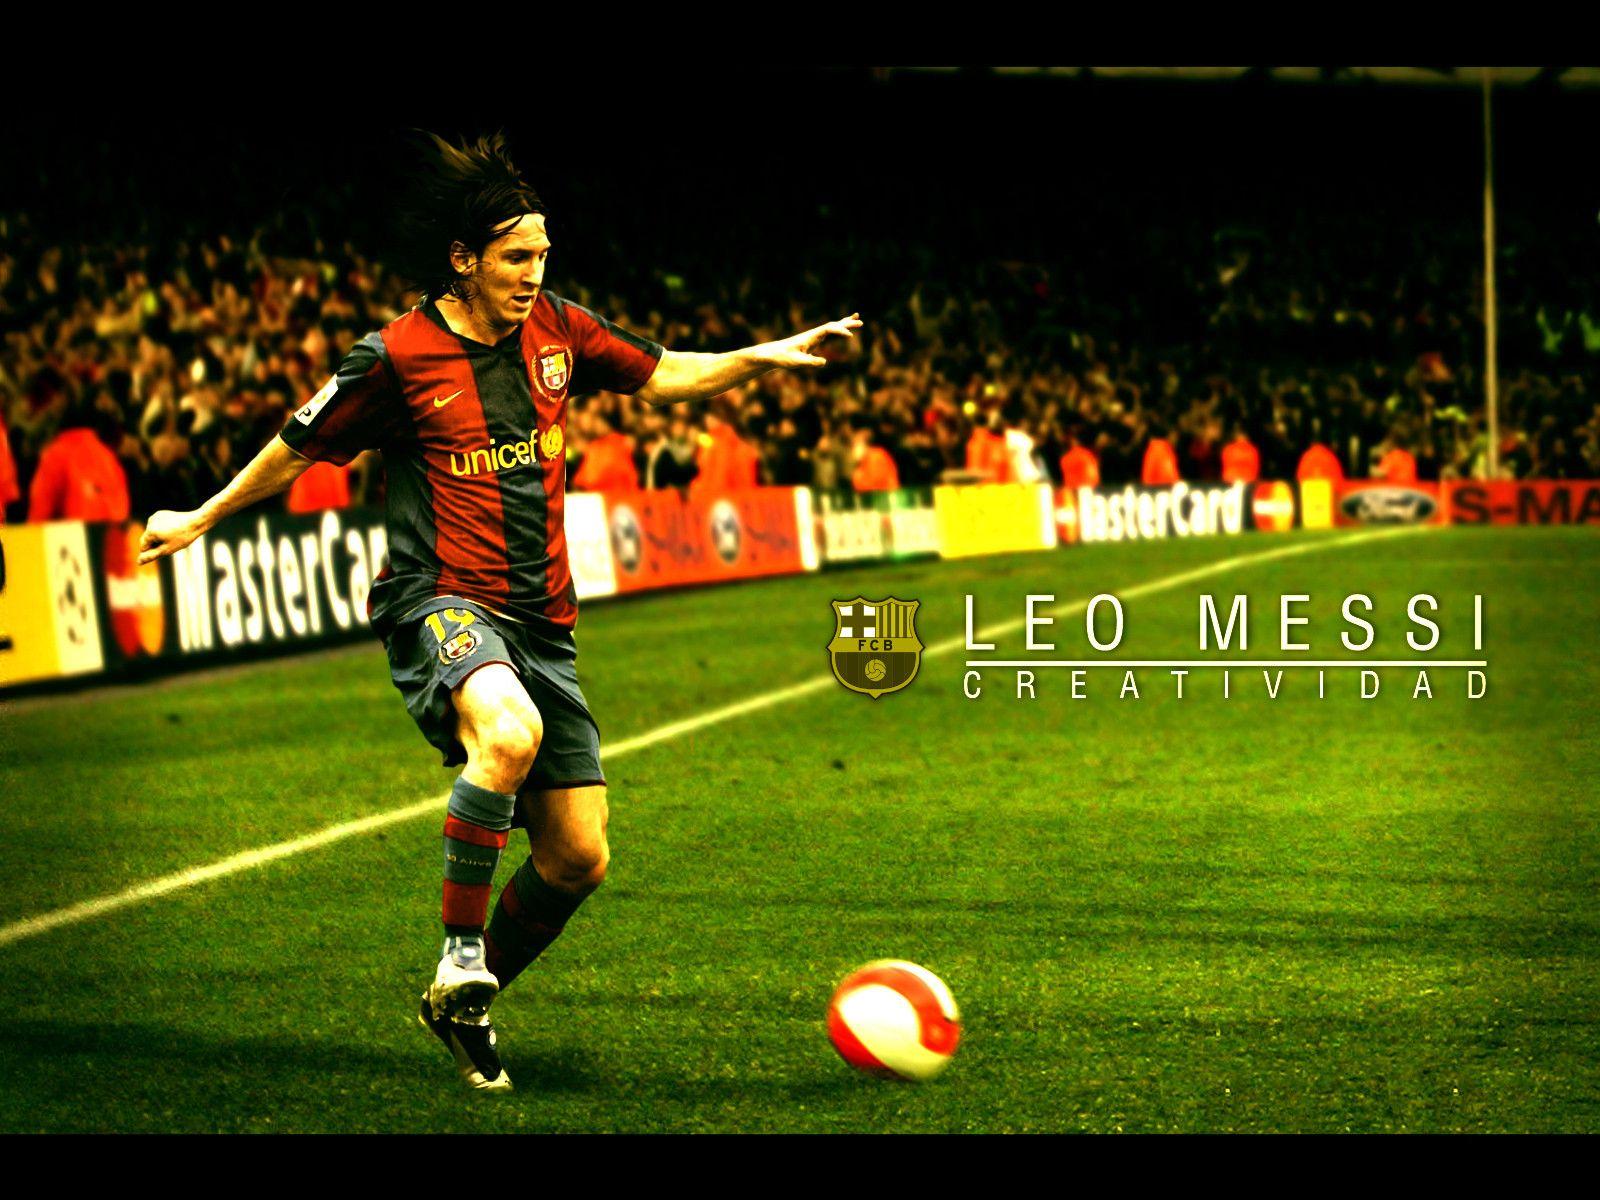 Lionel Messi Wallpaper 2015 Desktop 8 HD Wallpapers amagico 1600x1200